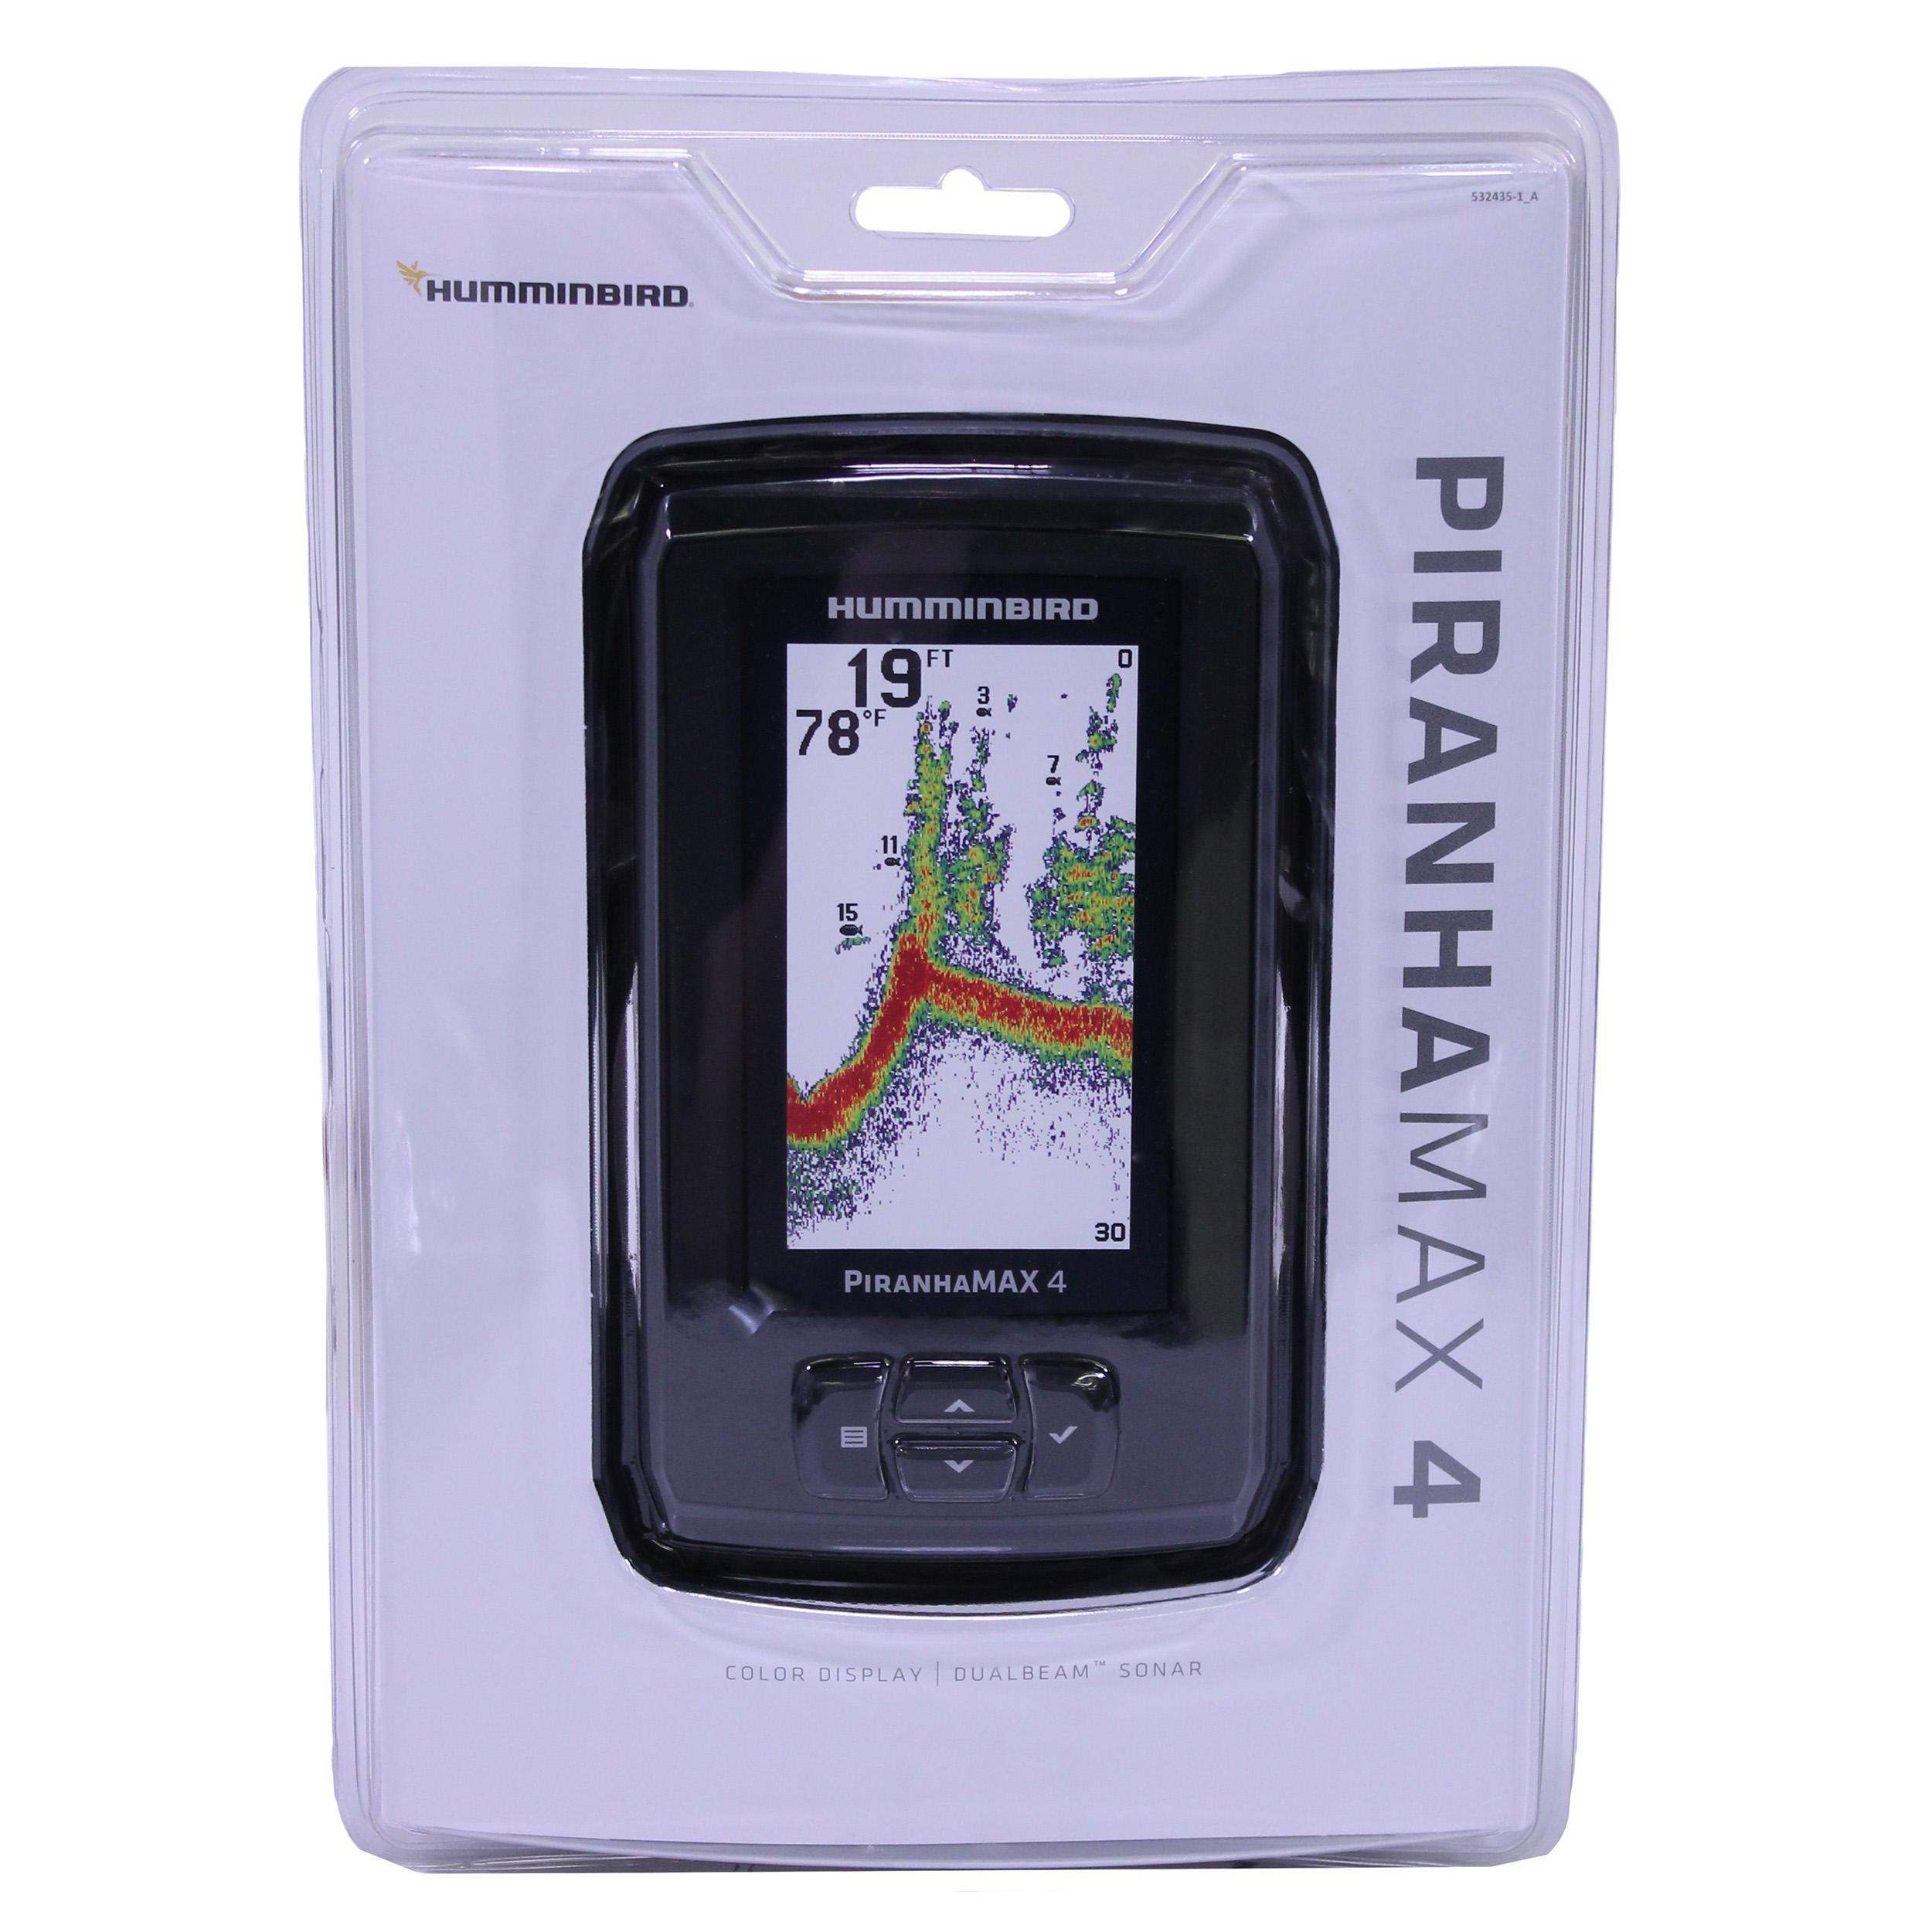 Humminbird Piranhamax 4